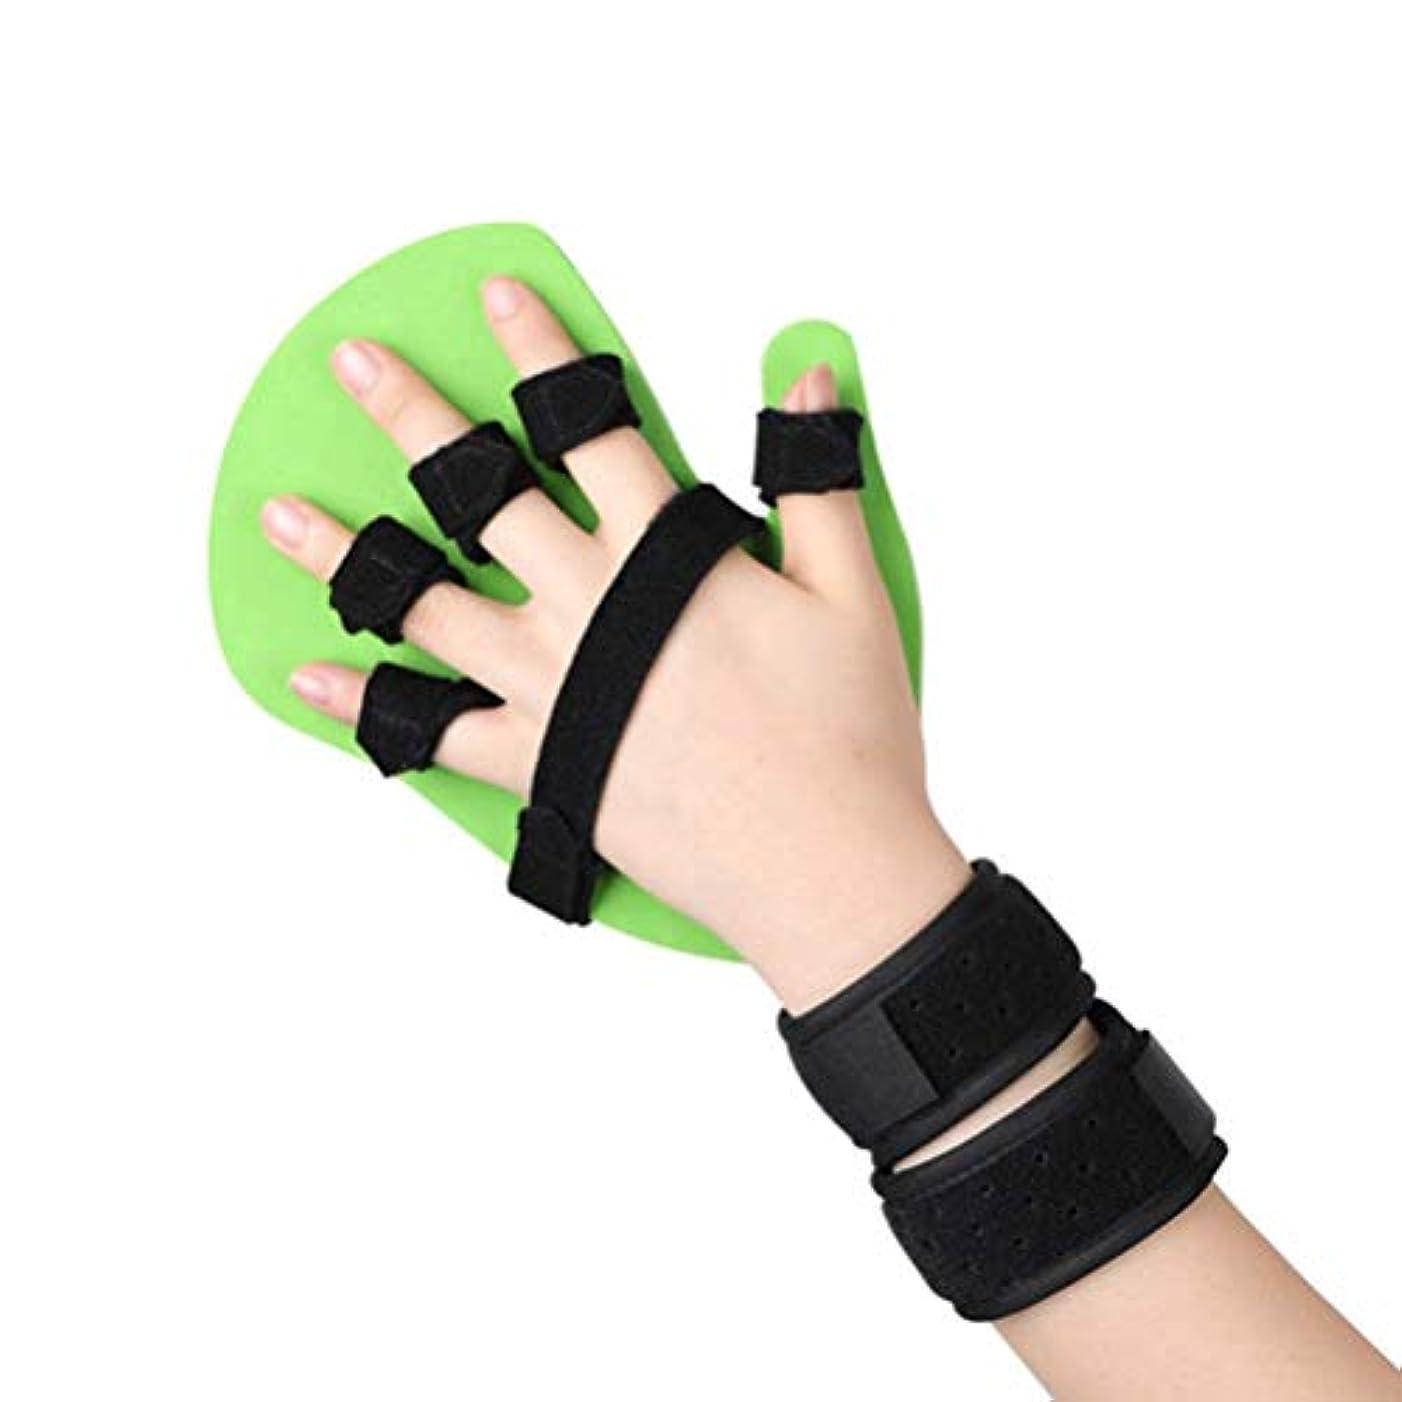 アヒル文明化するごちそうセパレータインソールフィンガートレーニングデバイスフィンガースプリント指、手の手首のトレーニング装具デバイスブレースサポート攣縮拡張ボードスプリント脳卒中片麻痺、左右の手指 (Color : Left, Size : L)